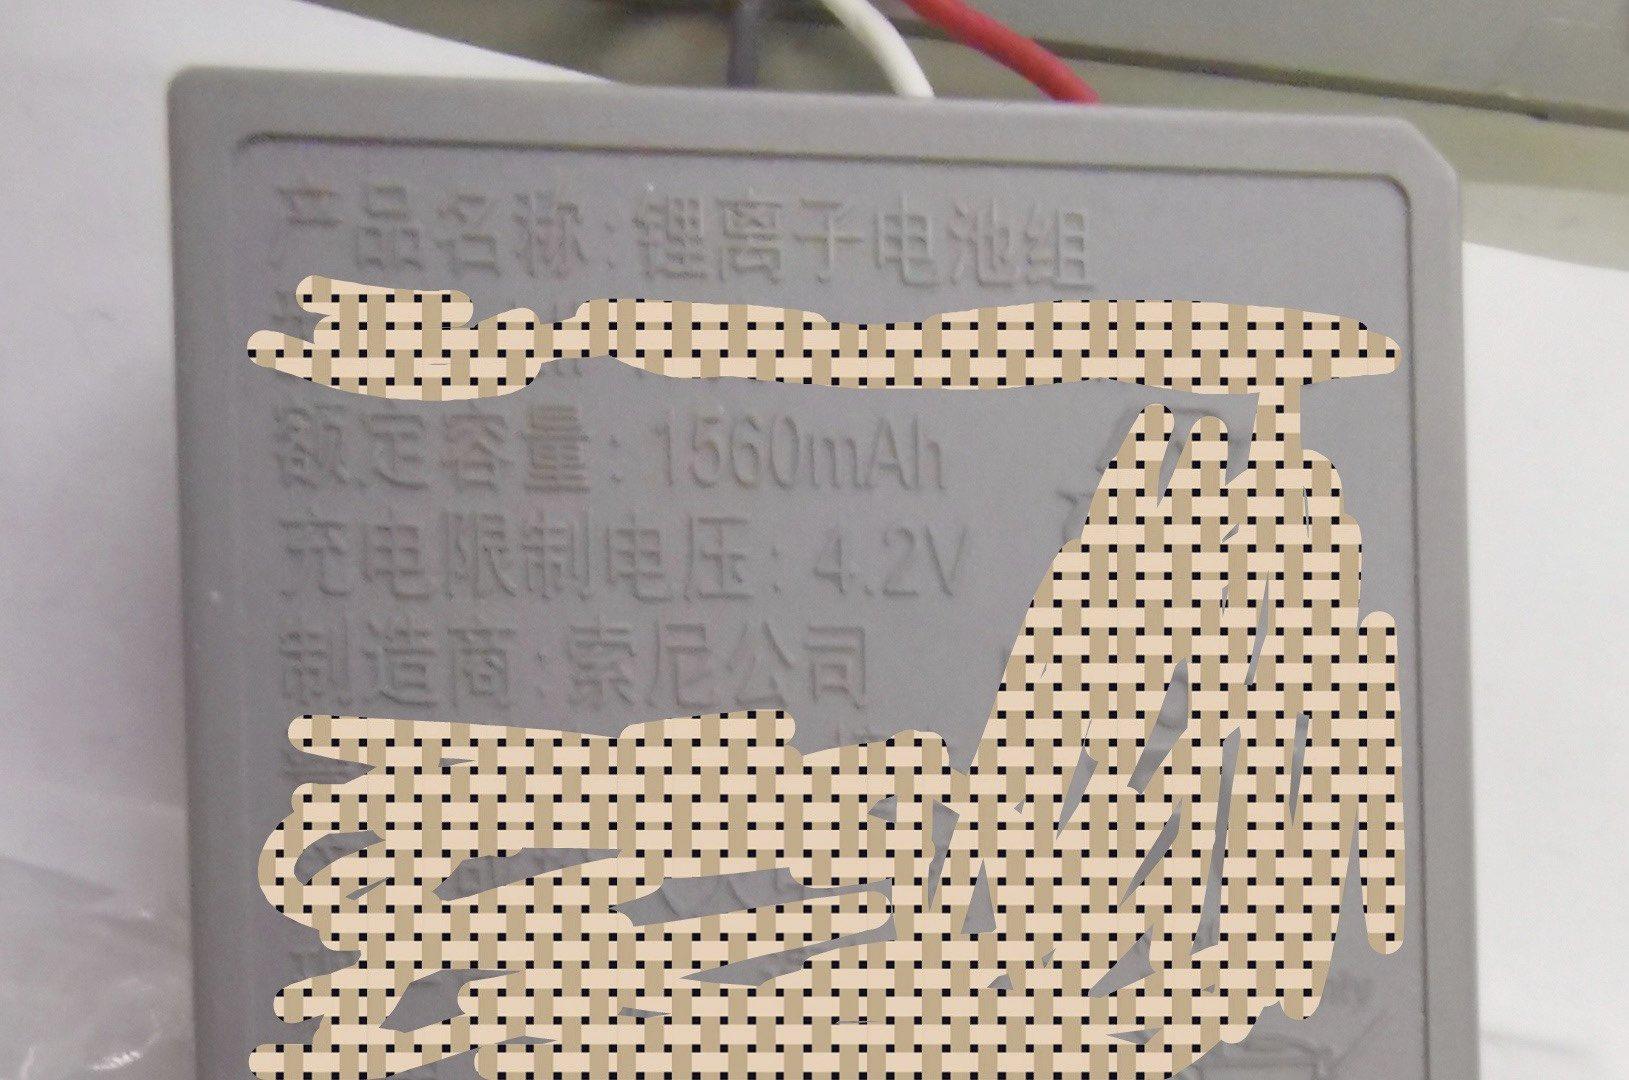 La manette de la PS5 elle aussi en fuite — DualSense